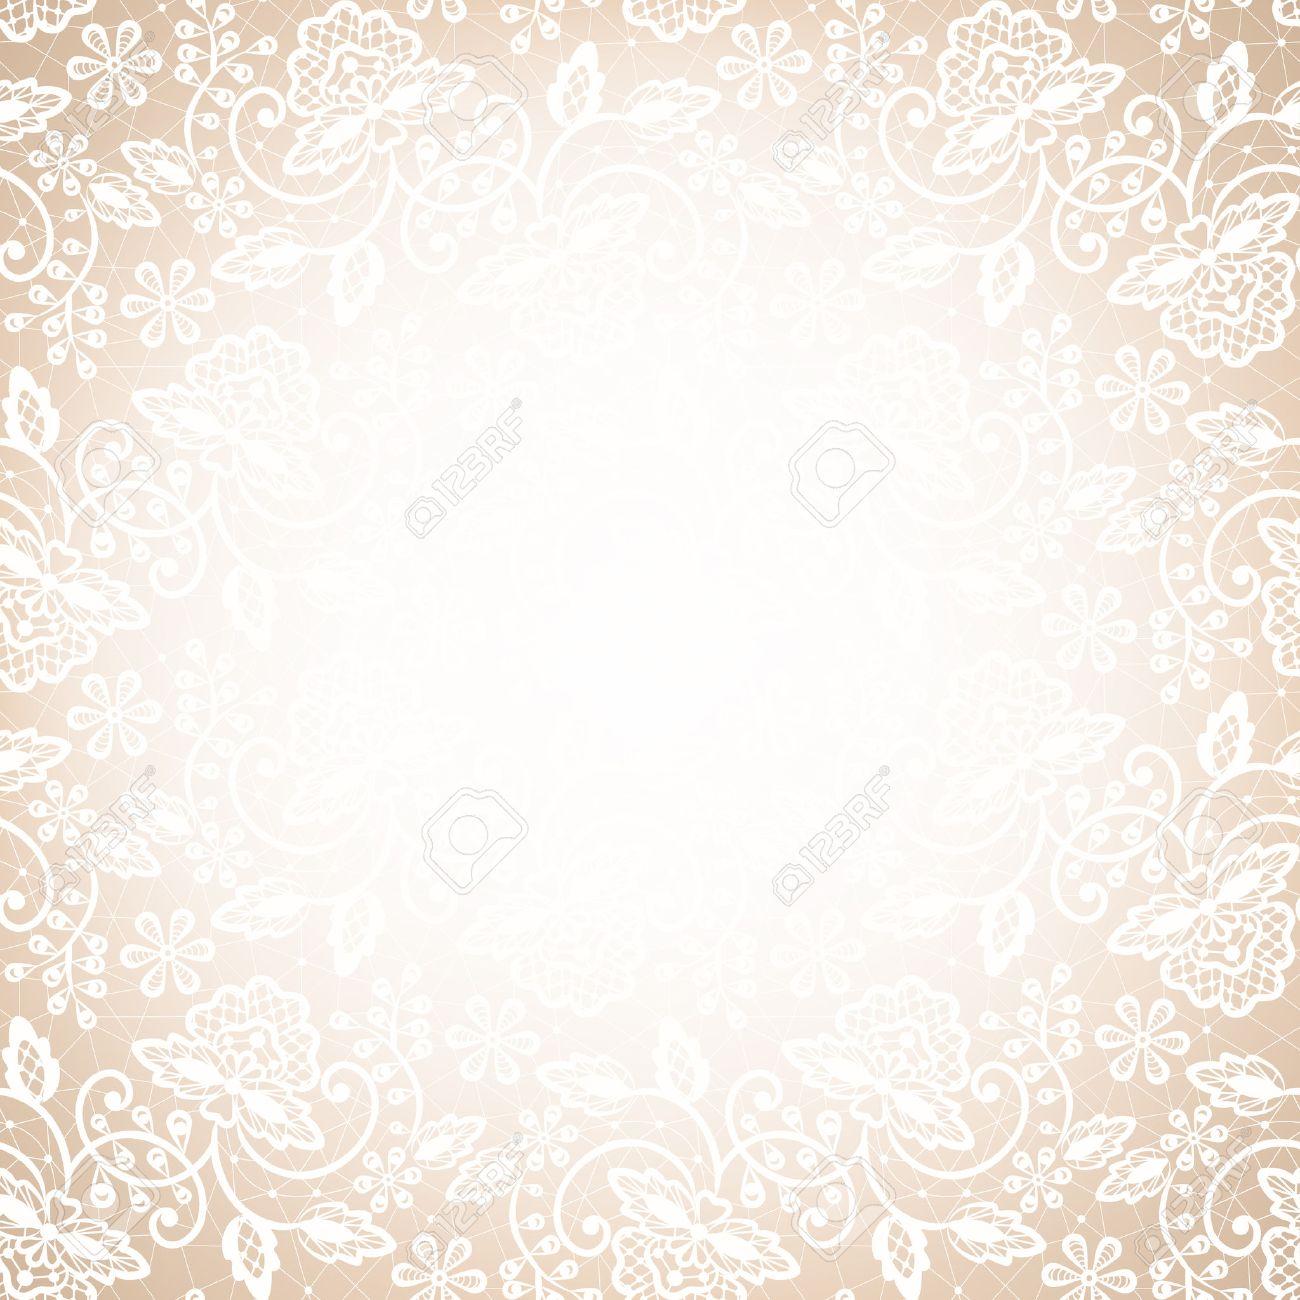 Plantilla Para La Boda Invitación O Tarjeta De Felicitación Con Marco De Encaje Blanco Sobre Fondo Beige